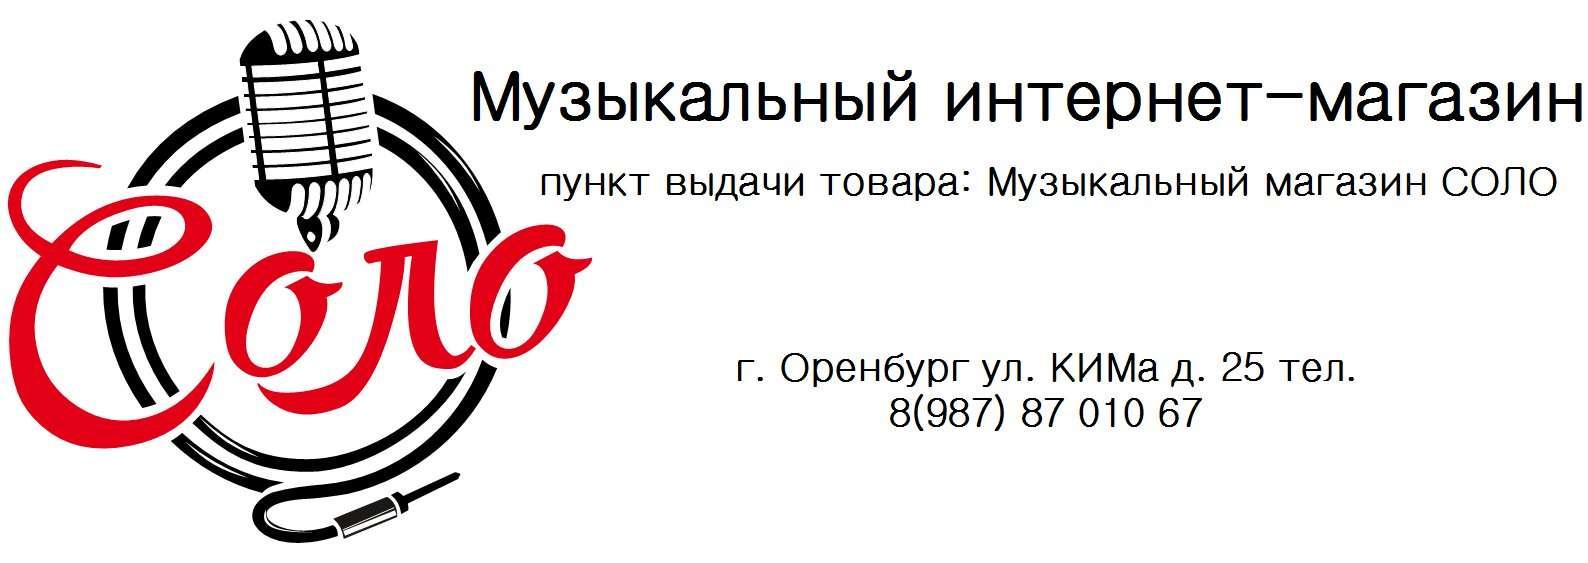 Музыкальный Магазин Соло Оренбург Официальный Сайт